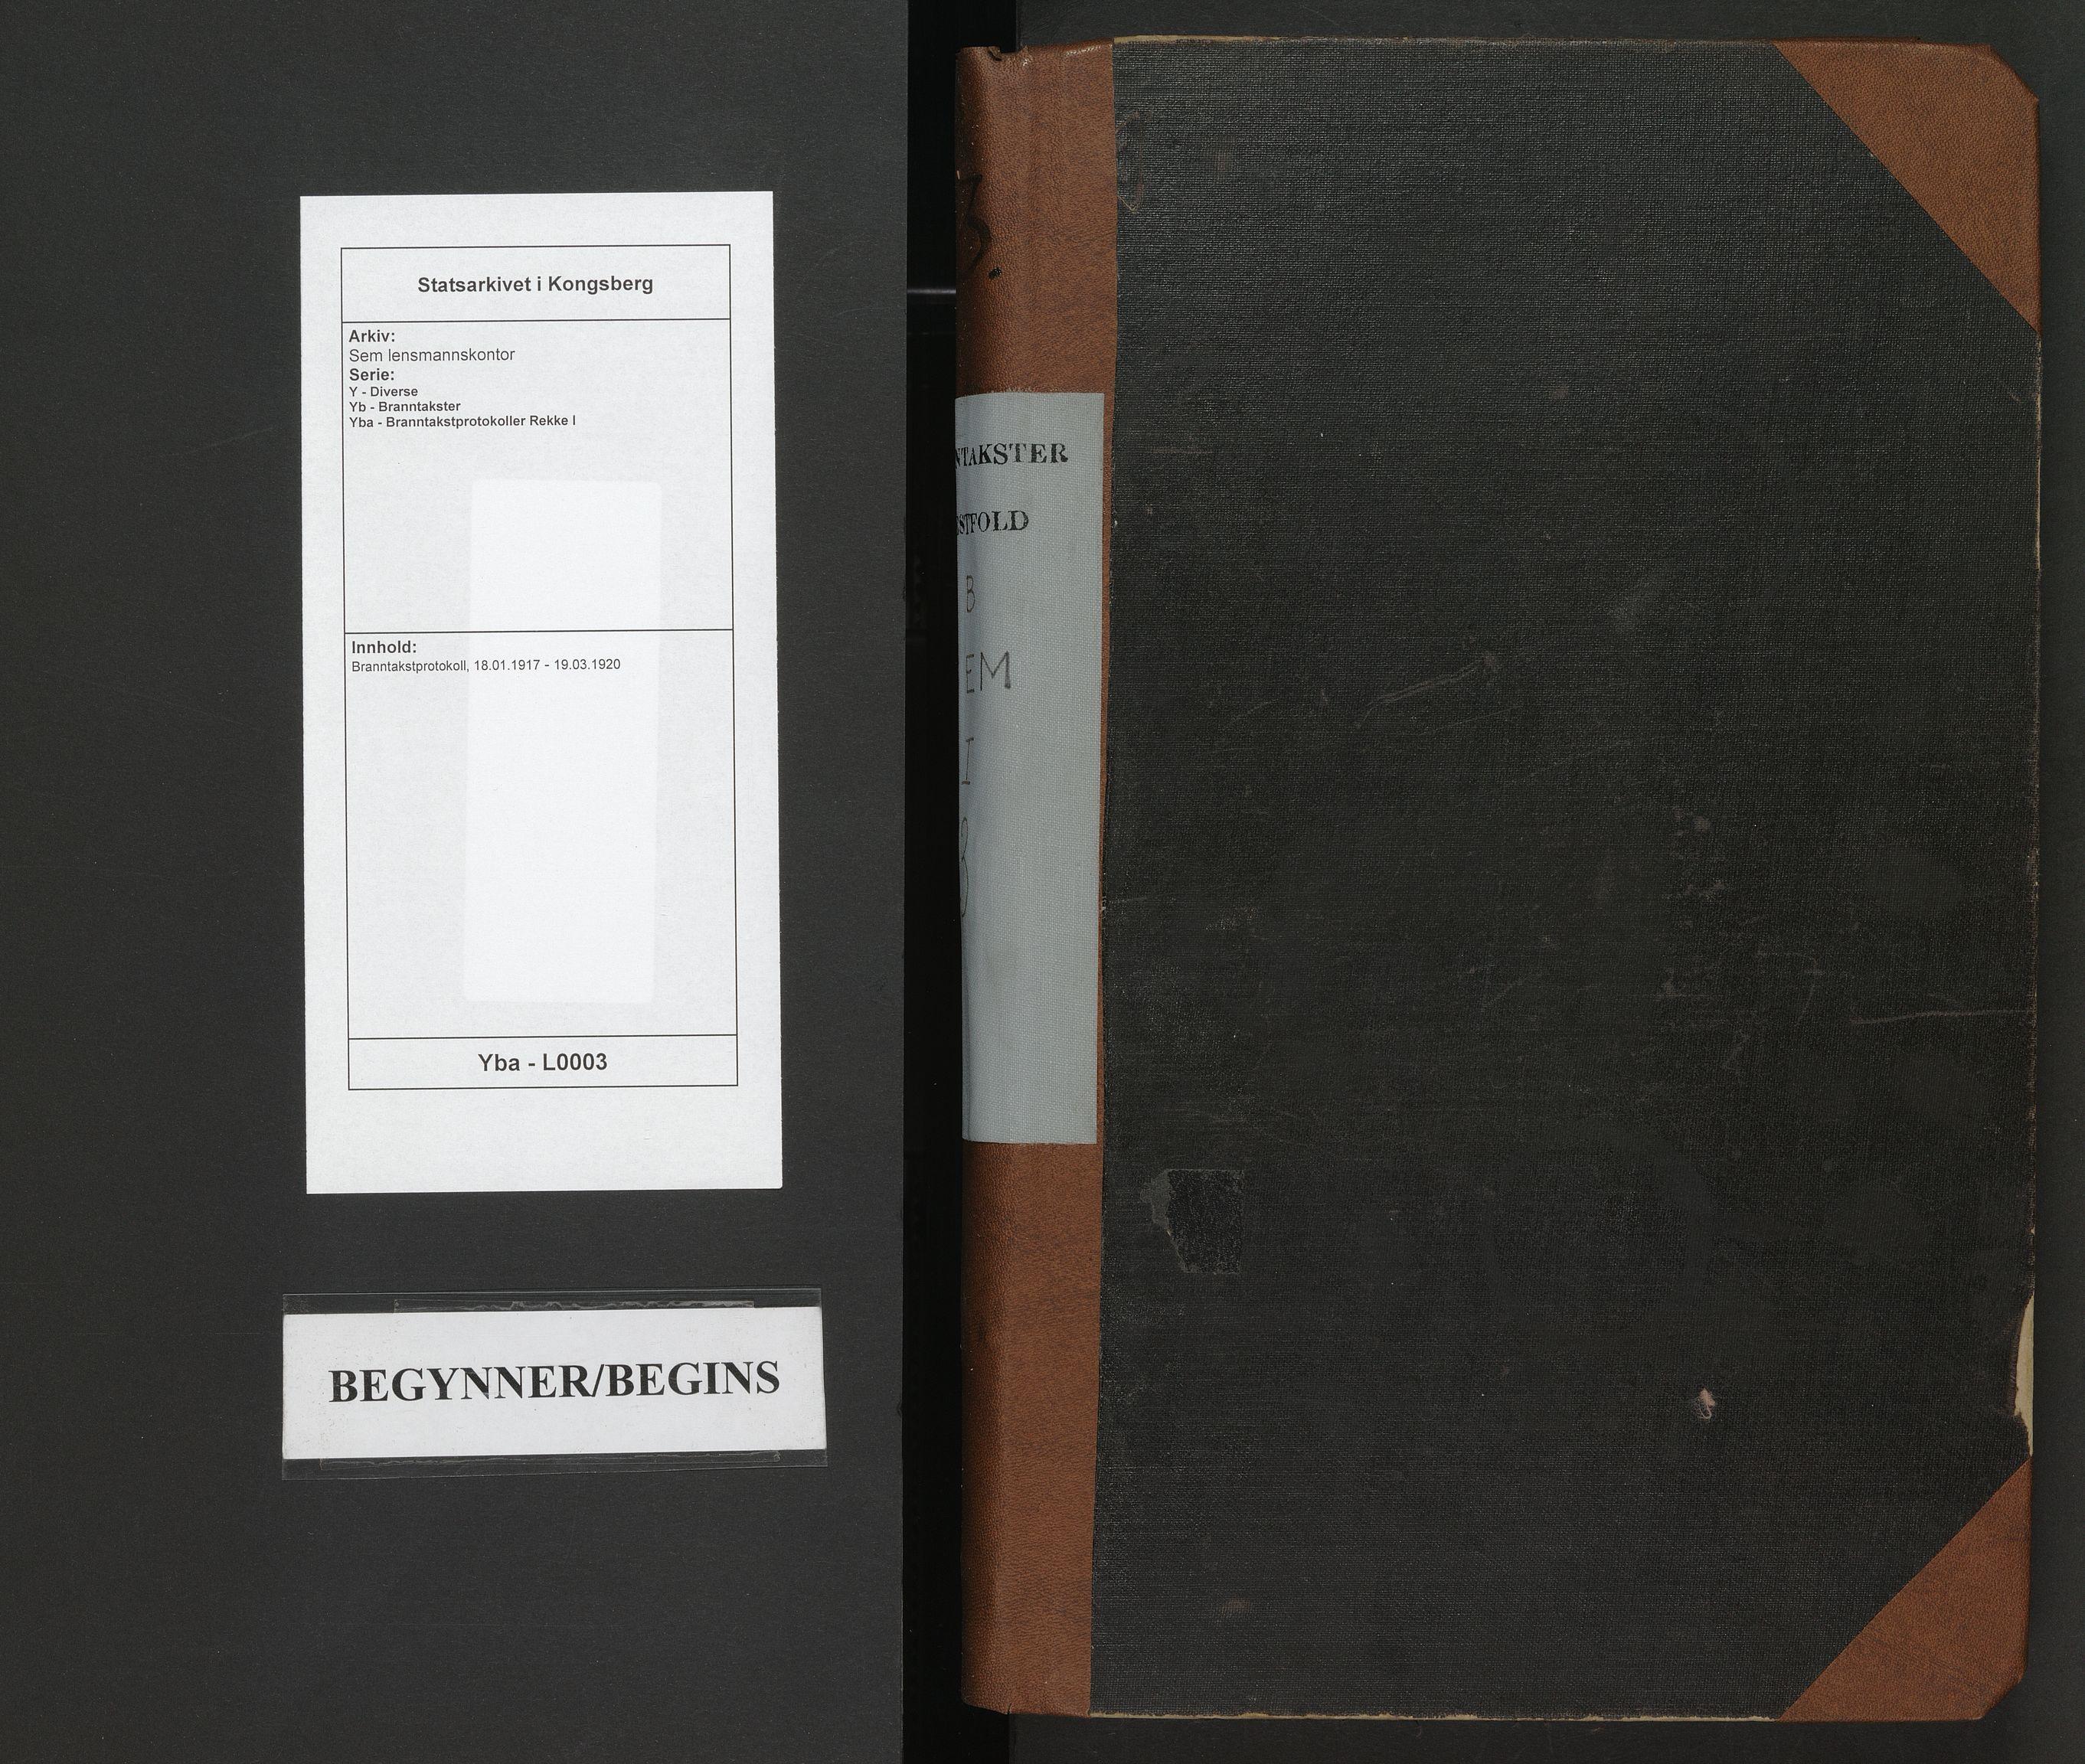 SAKO, Sem lensmannskontor, Y/Yb/Yba/L0003: Branntakstprotokoll, 1917-1920